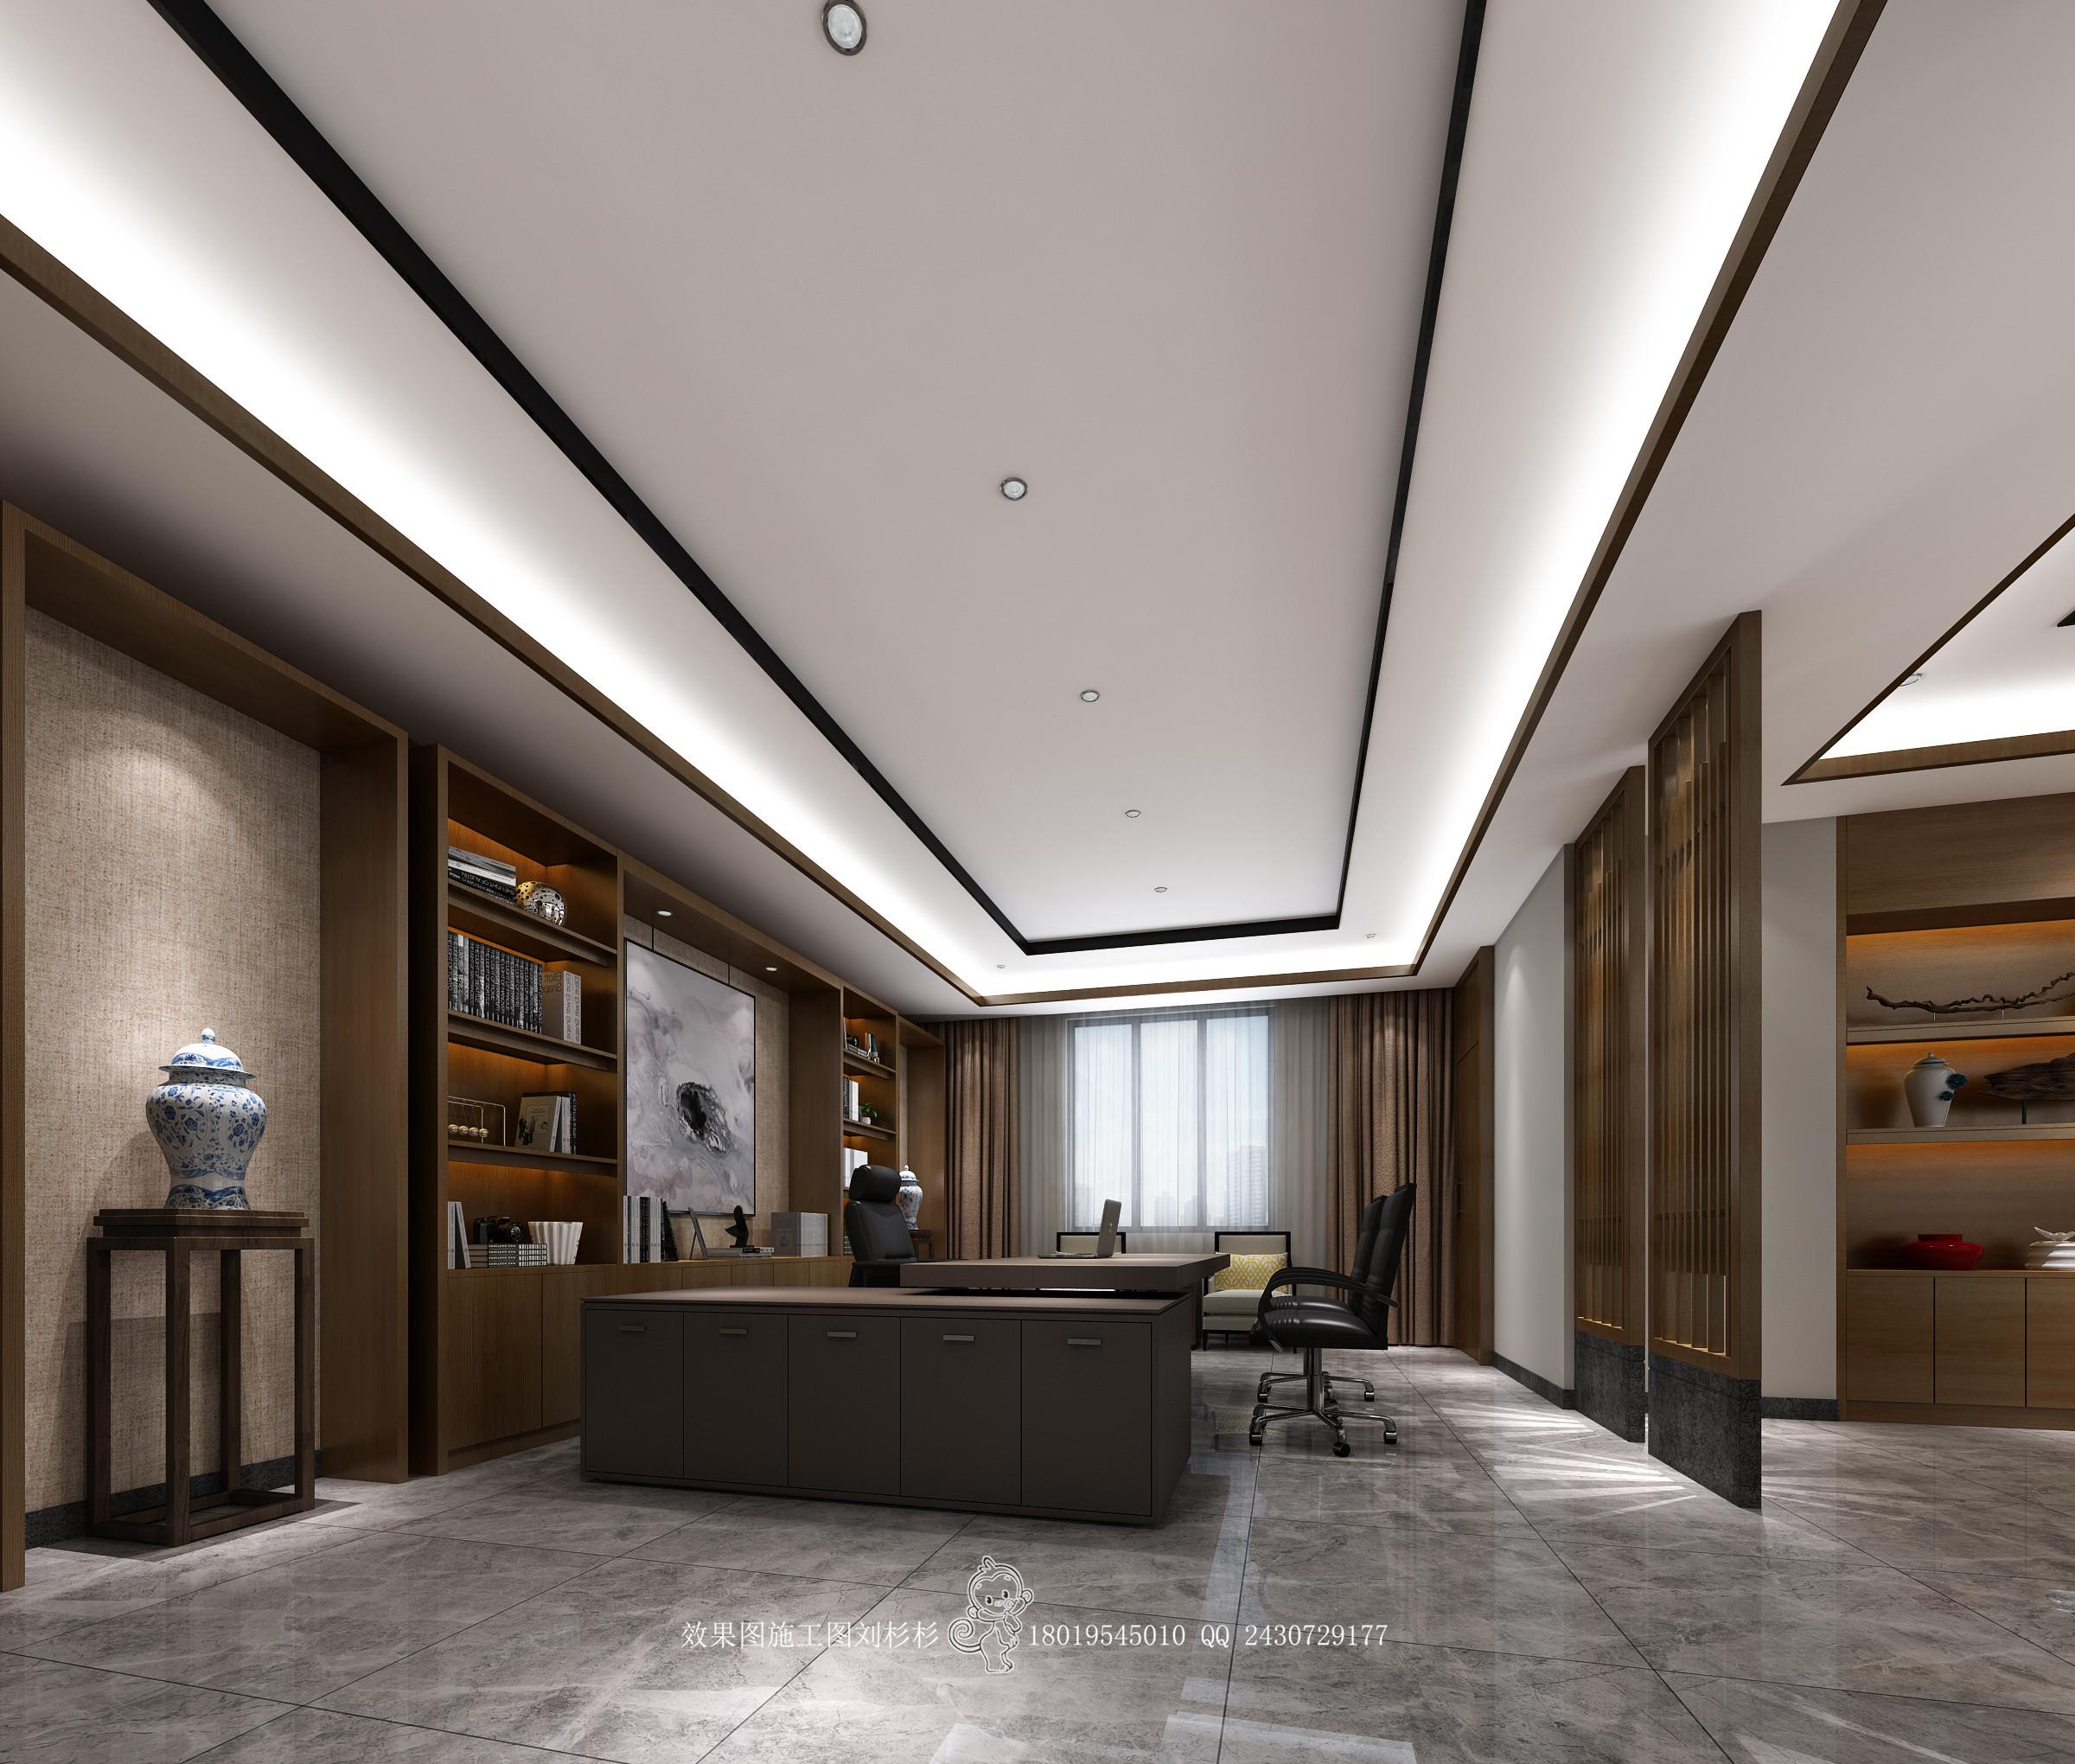 新中式高级办公室|空间|室内设计|天斐效果图刘杉杉